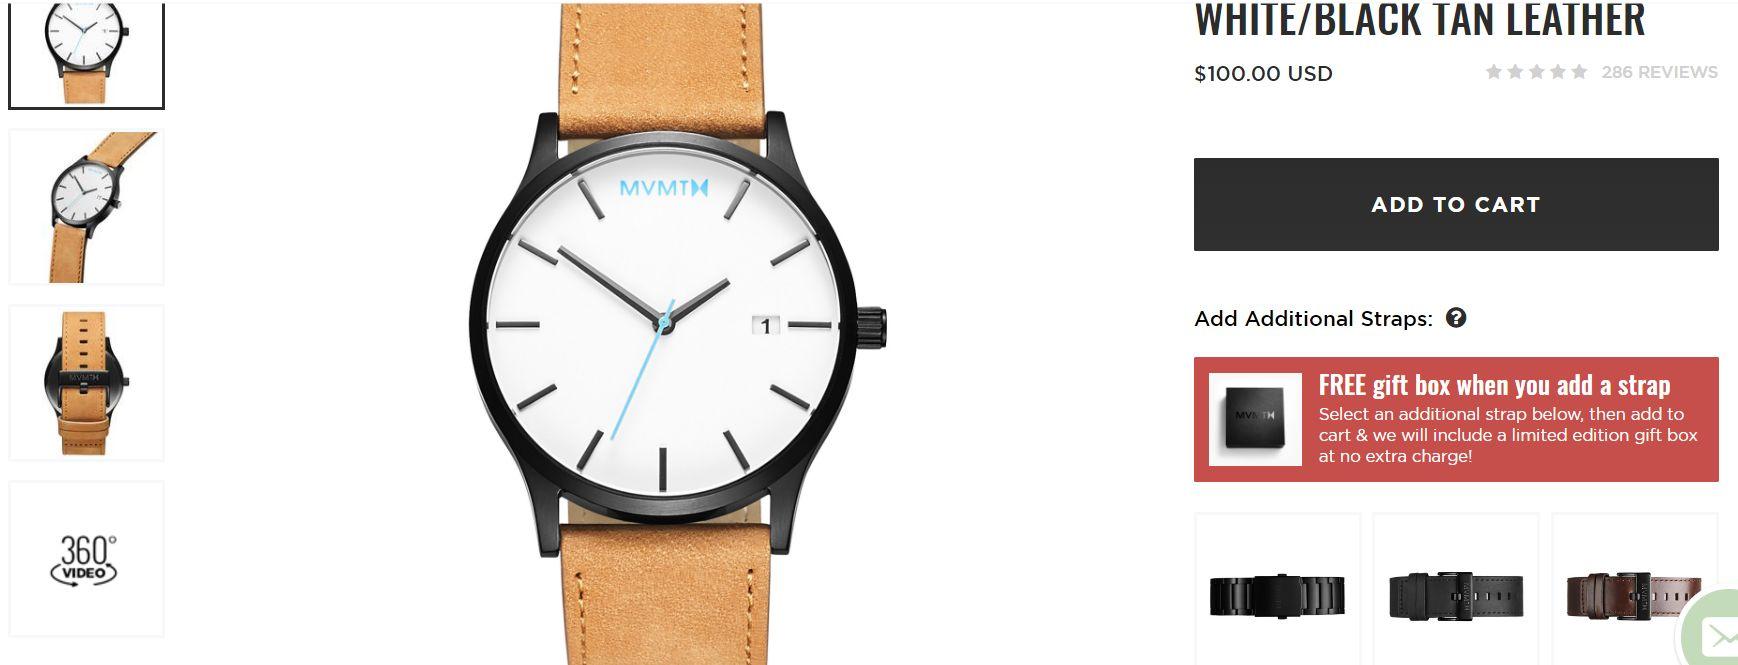 メルカリの出品の仕方【初めての腕時計出品】